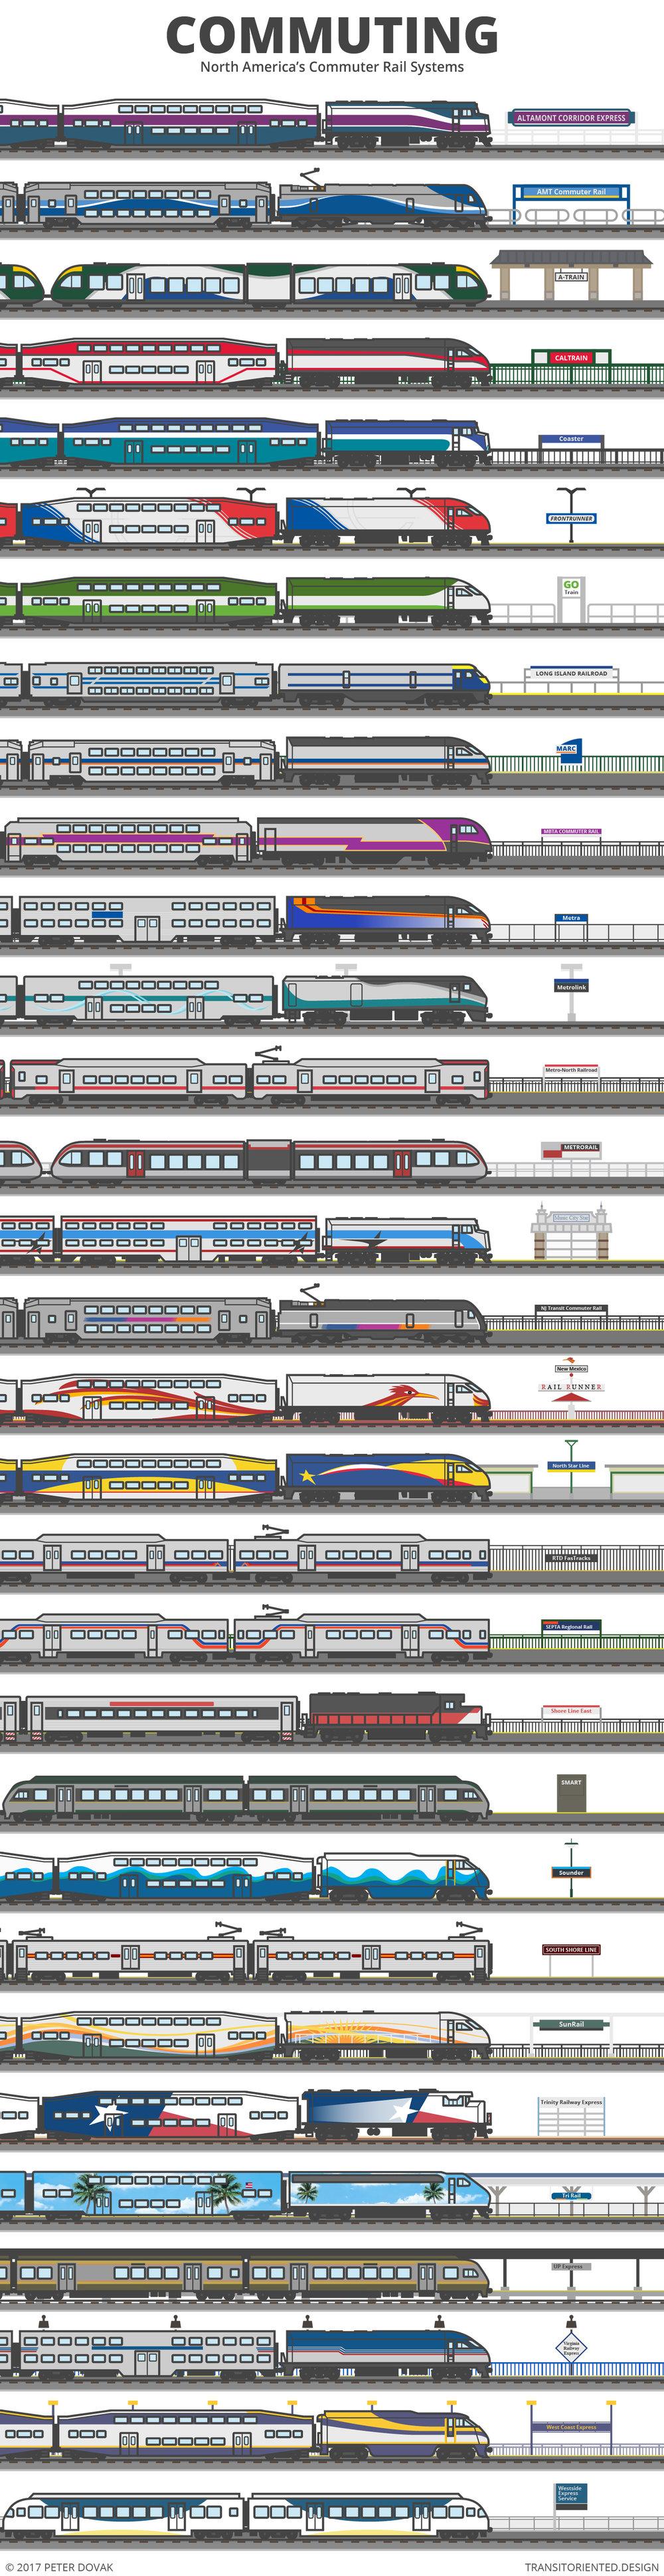 commuting-v2.jpg